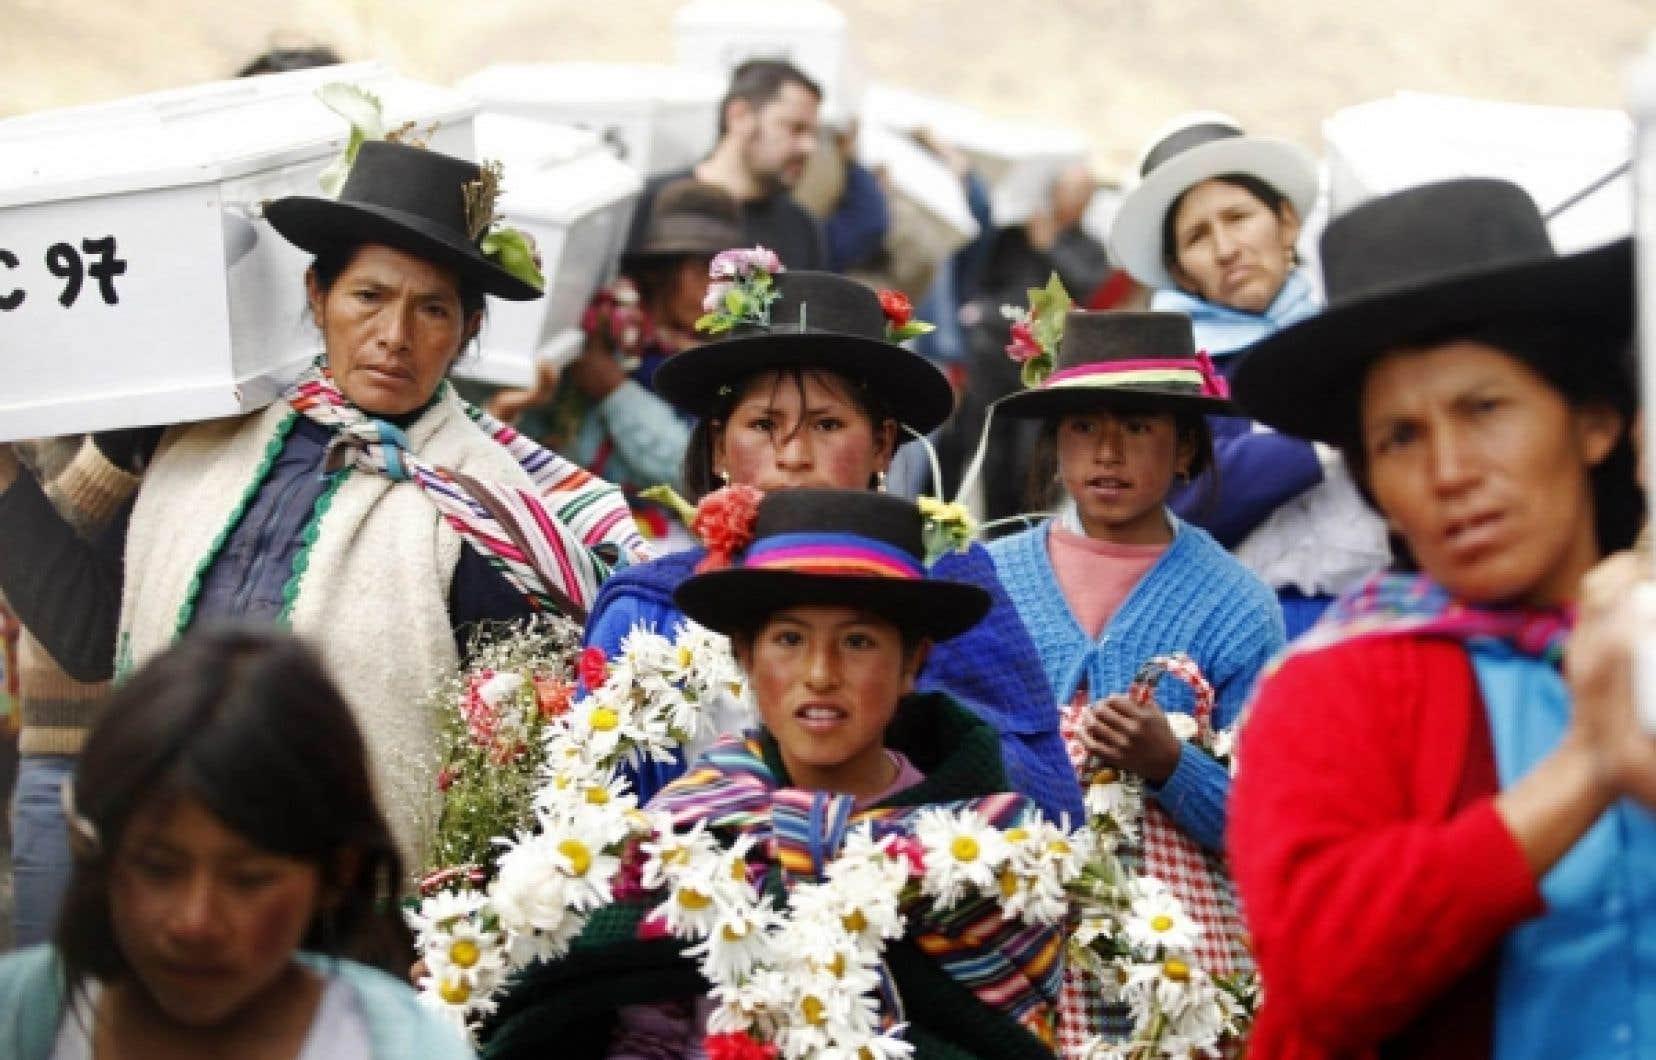 Les femmes font souvent partie des groupes les plus marginalisés, comme au Pérou, où Inter Pares agit avec des ONG nationales.<br />